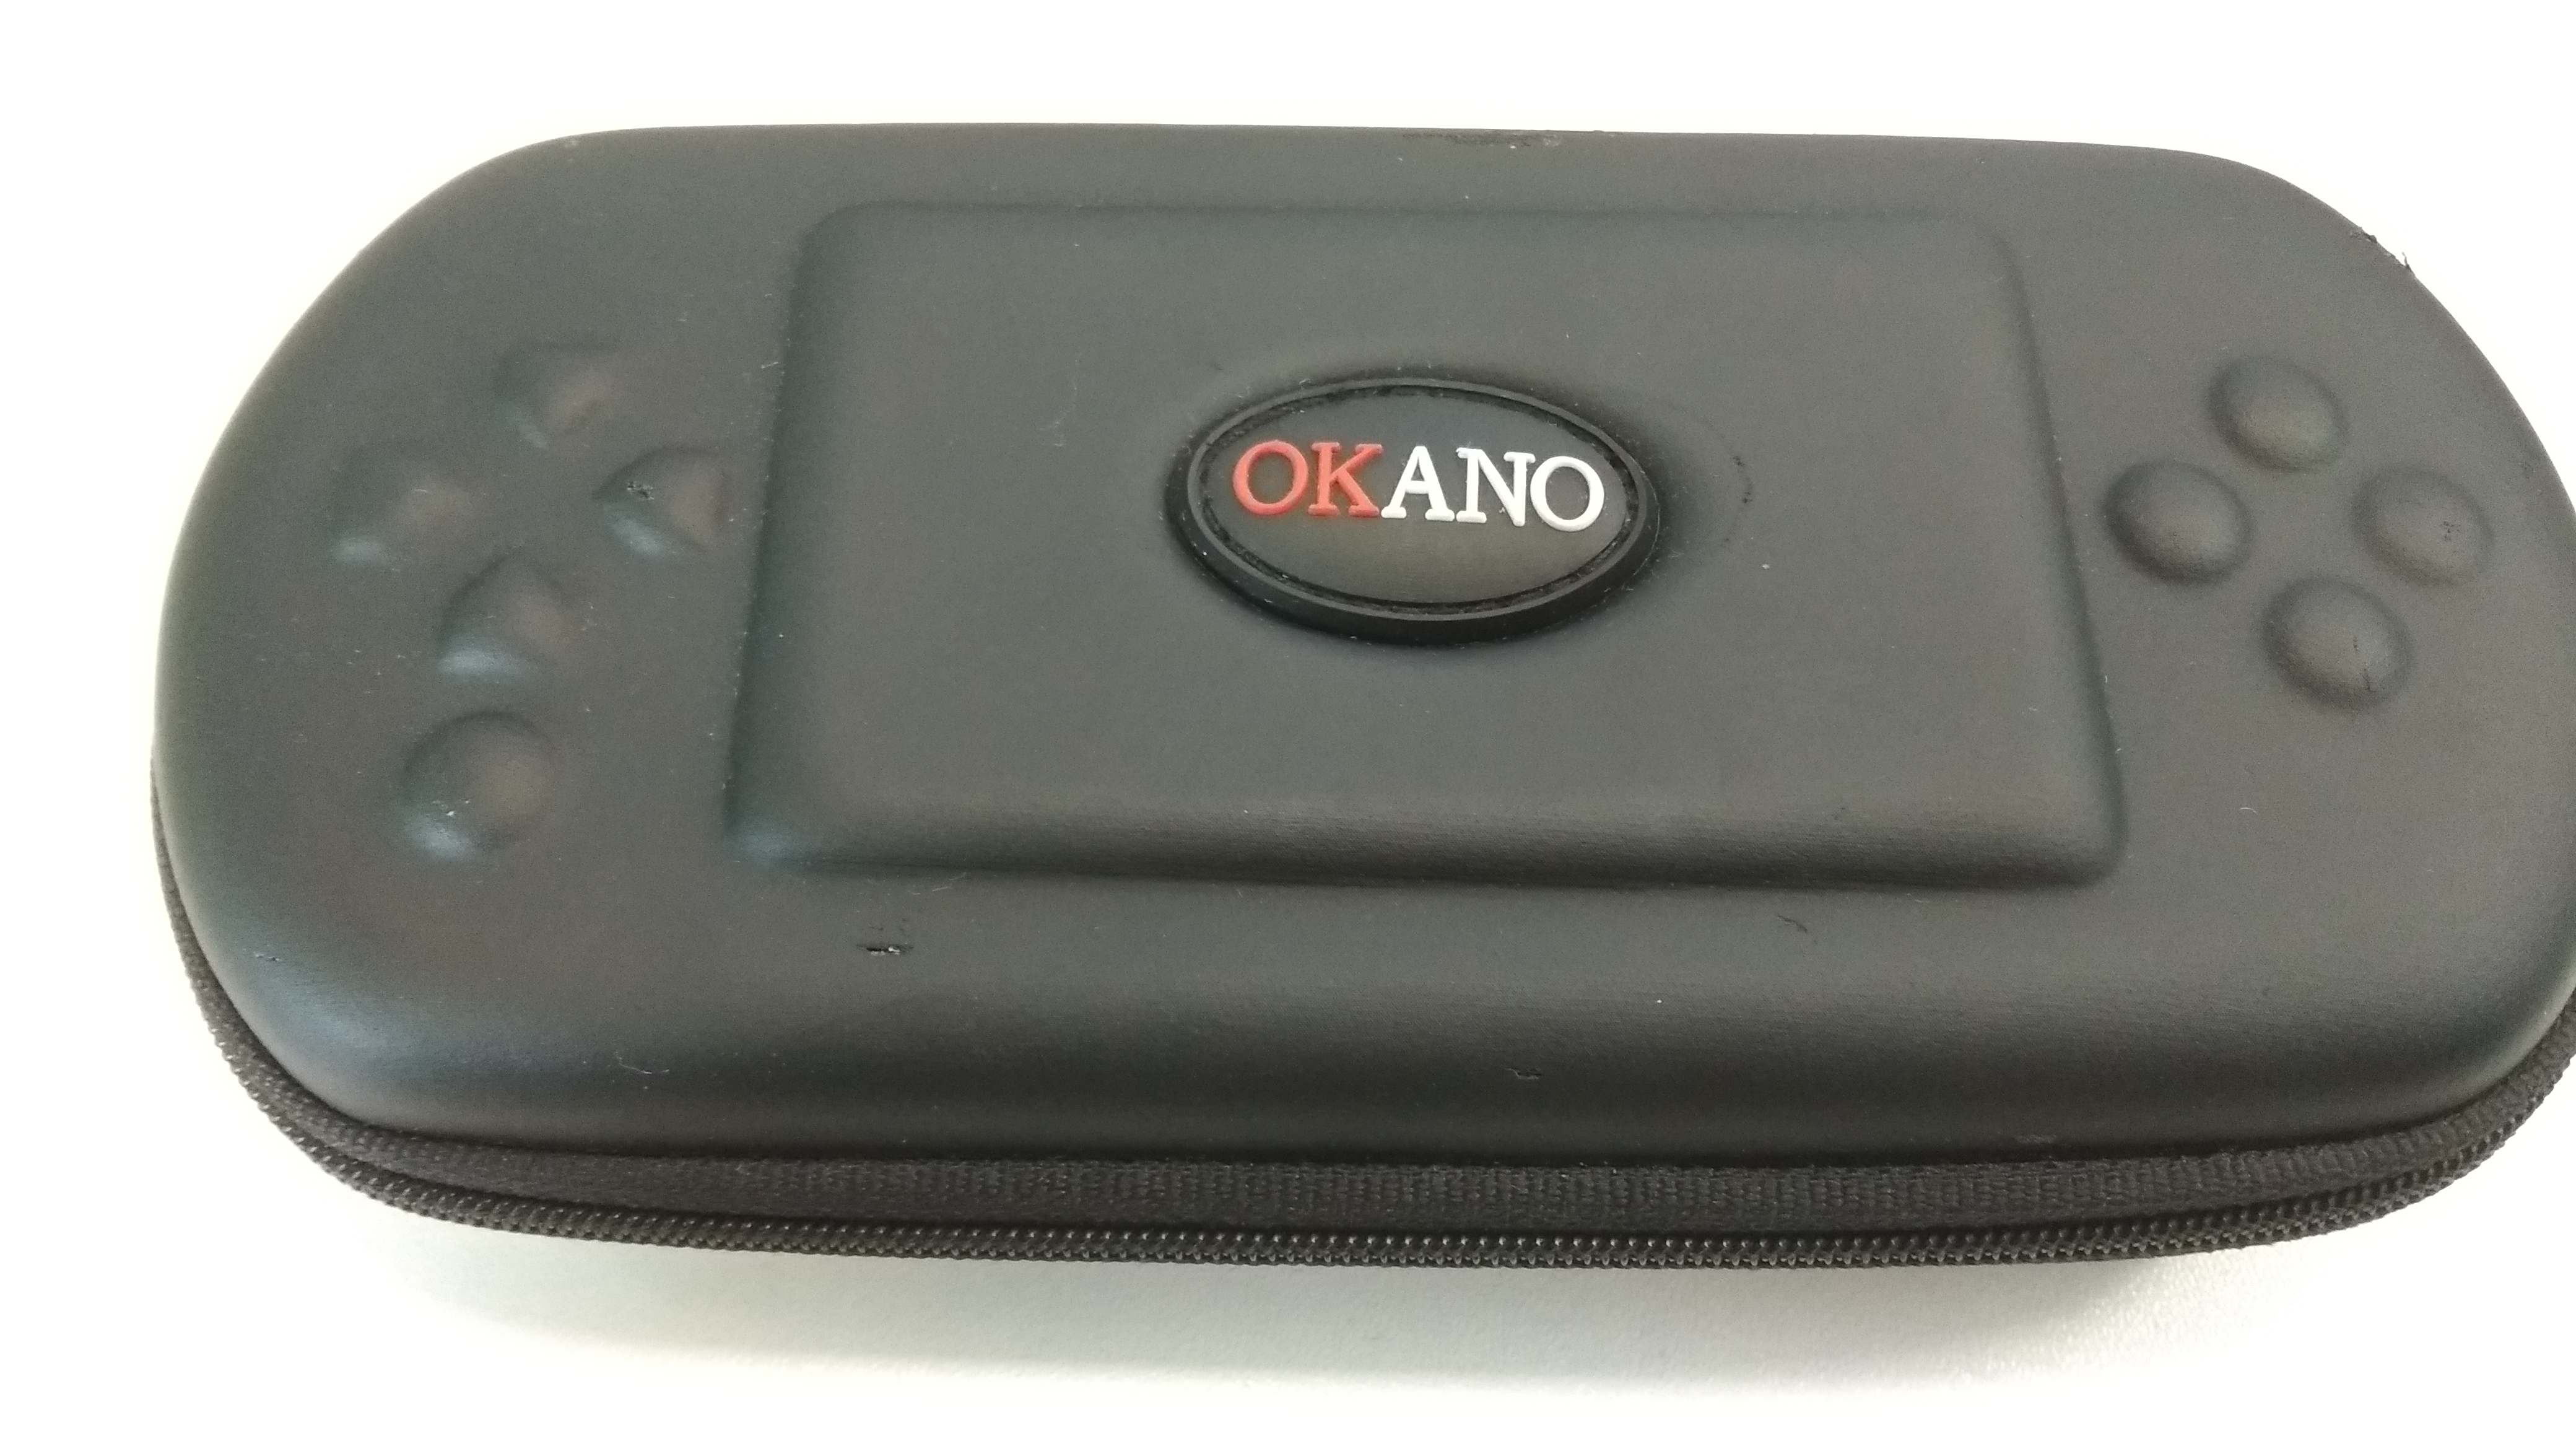 [PSP] Pouzdro Okano černé (estetická vada)